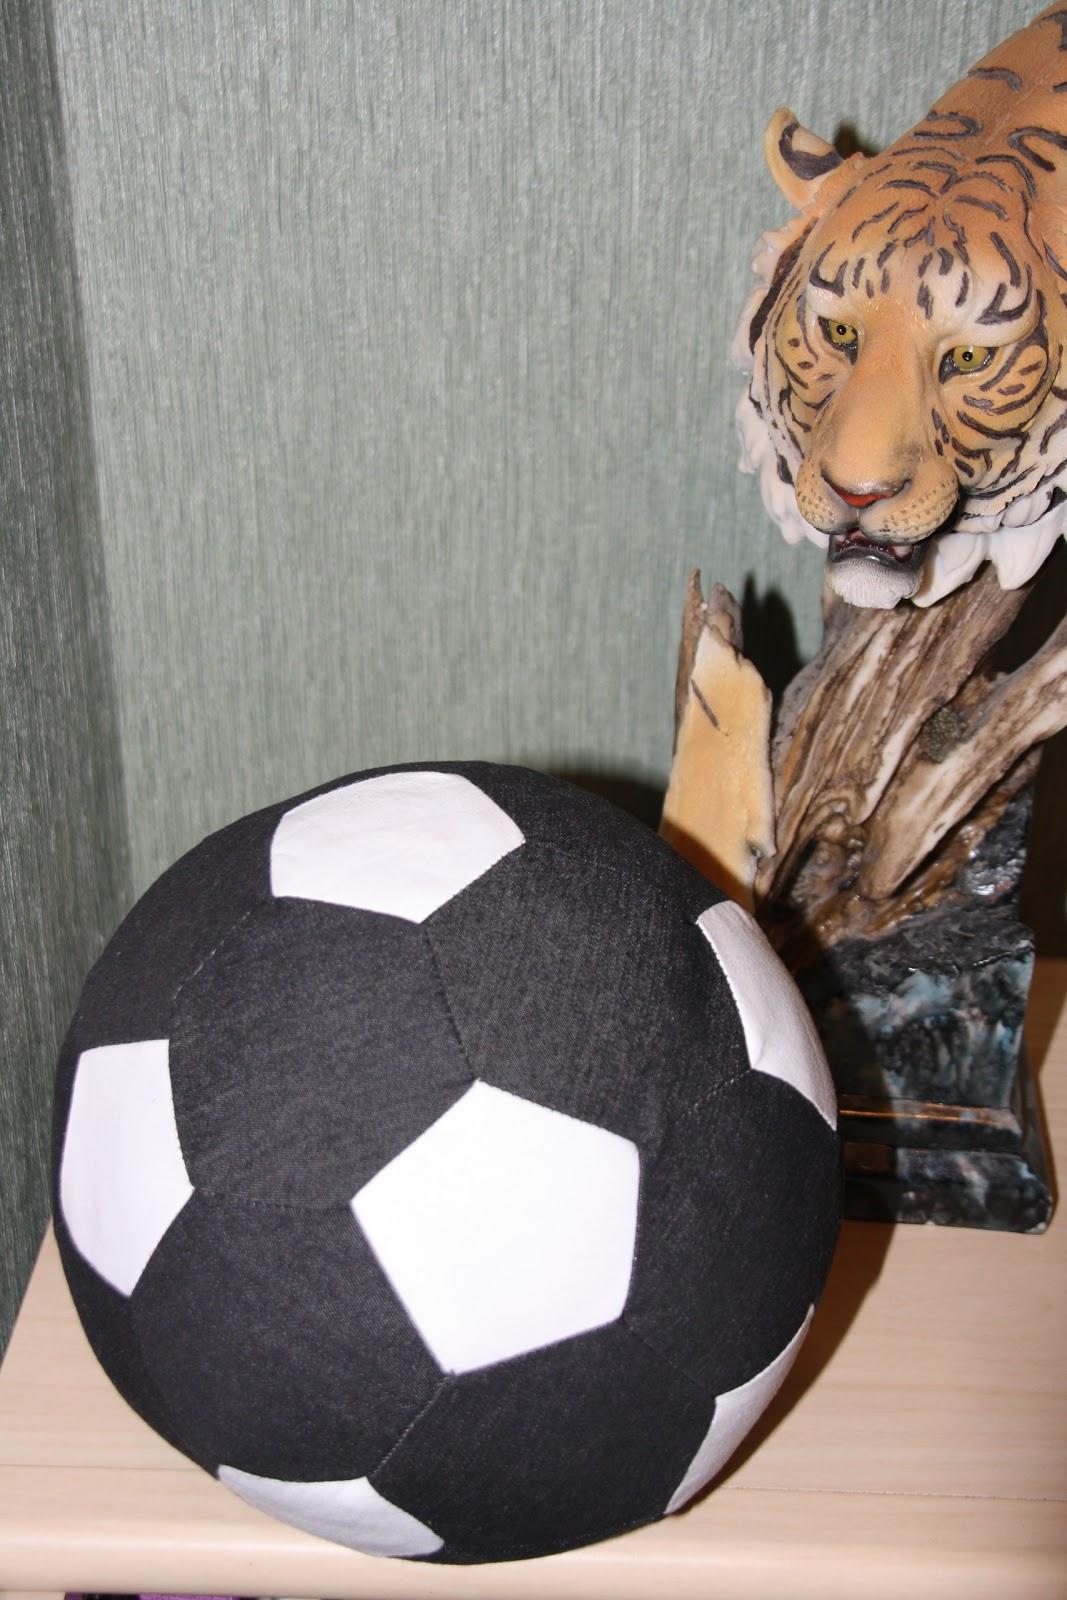 Поделка футбольный мяч из семечек